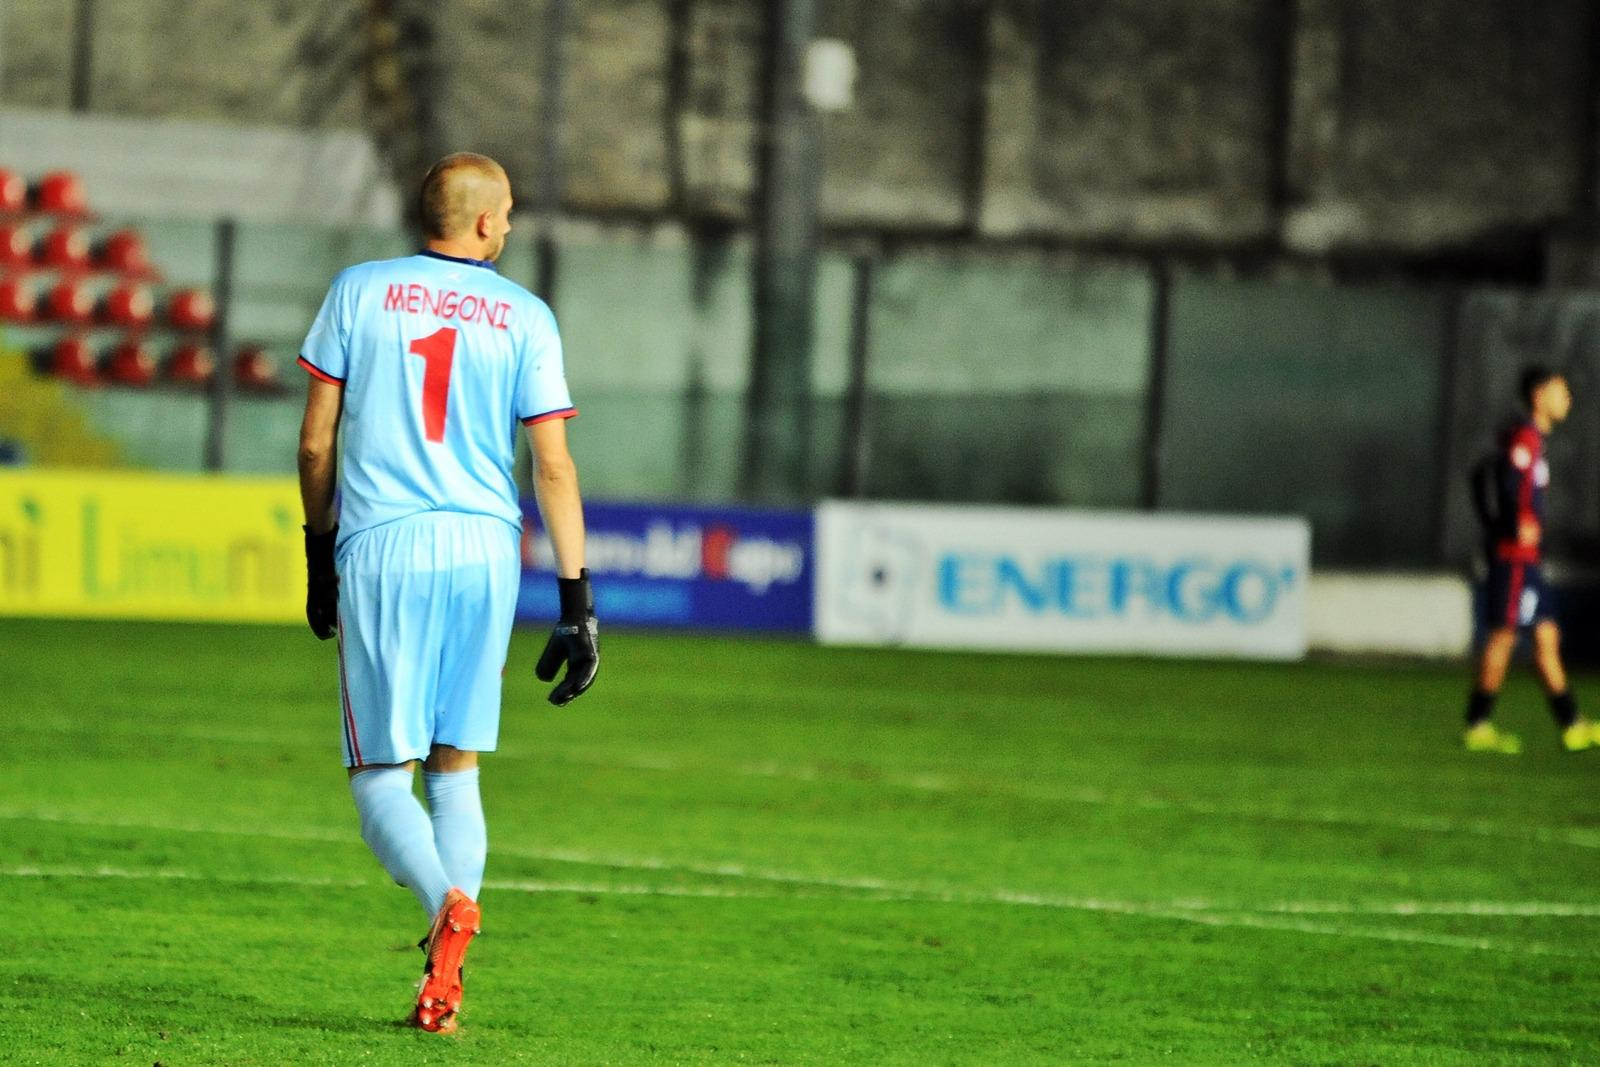 UFFICIALE | Nove volte Mengoni, rinnovato il contratto con il portiere toscano immagine 15141 US Vibonese Calcio